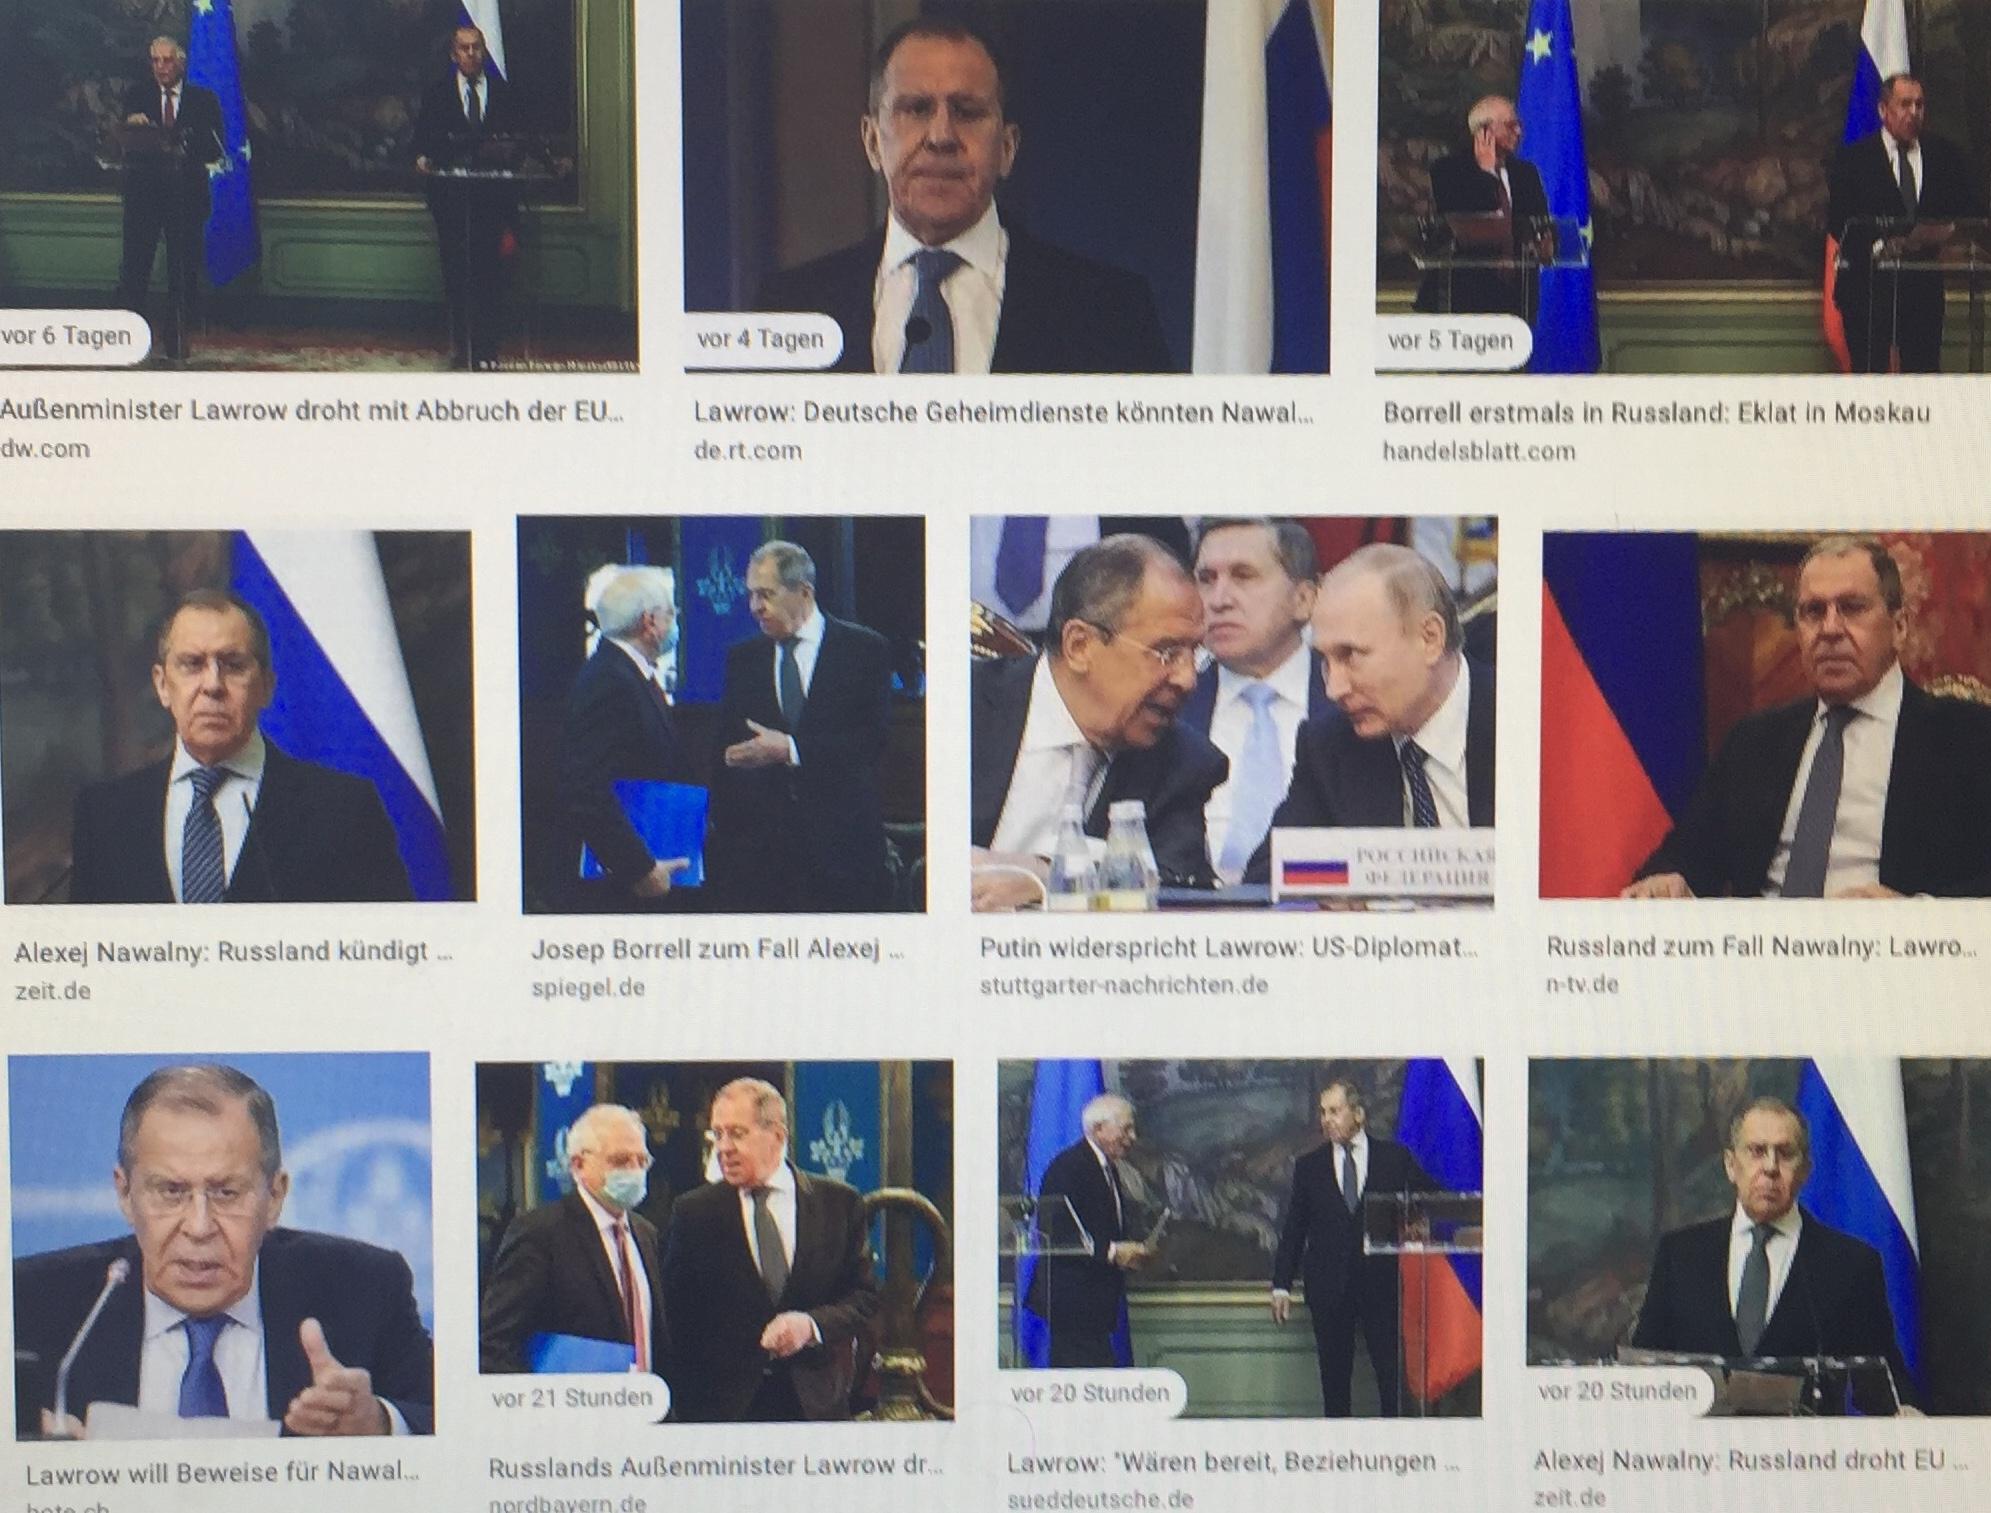 """""""Russland war und ist immer um partnerschaftliche Wirtschaftsbeziehungen auf Augenhöhe mit Deutschland und der EU bemüht"""", betont der russische Präsident Wladimir Putin seit seiner Rede im Deutschen Bundestag 2001 immer wieder. Zuletzt im Rahmen des Weltwirtschaftsforums am 27. Jänner 2021: """"Liebe funktioniert aber nicht einseitig – sie muss schon gegenseitig sein."""" Soll heißen, sich ehrlich um gegenseitiges Verständnis und Interessenausgleich zu bemühen - das """"Gemeinsame vor das Trennende"""" und """"Kooperation vor Konfrontation"""" zu stellen. Doch die EU-Politik bricht zugunsten transatlantischer Interessengruppen mit den sogenannten Russlandsanktionen ohne UN-Mandat immer wieder Völkerrecht: mit der NATO-Osterweiterung, gewaltsamen Farbrevolutionen, Putschen, der Errichtung einer feindlichen Staatenmauer um Russland,  mit Beteiligung an Regime-Change-Wars (…). Die aktuelle deutsch-europäische Empörung über den russischen Außenminister Sergej Lawrow, der einem etwaigen Bruch mit Brüssel aufgrund des heuchlerischen Nawalny-Theaters gelassen entgegensieht, ist ein schlechter Witz. Moskau hat jedes (internationale) Recht, die völkerrechtswidrigen Sanktionen des """"Westens"""" zu kritisieren und sich die Einmischung in innere Angelegenheiten zu verbitten - gerade wenn EU-Chefdiplomat Josep Borrell zu Gast ist. Für ein Erstarken der österreichisch-russischen Wirtschaftsbeziehungen arbeiten der Präsident der europäischen Wirtschaftskammer Christoph Leitl mit Anlagenbauer und Vorarlberger Konsul der Russischen Föderation Ing. Hubert Bertsch seitens der österreichischen Industriellenvereinigung mit einem engagierten österreichisch-russischen Team an der neuen Plattform """"Sotschi Dialog"""".  Von Verena Daum (www.progression.at, www.garden-eden.org)"""